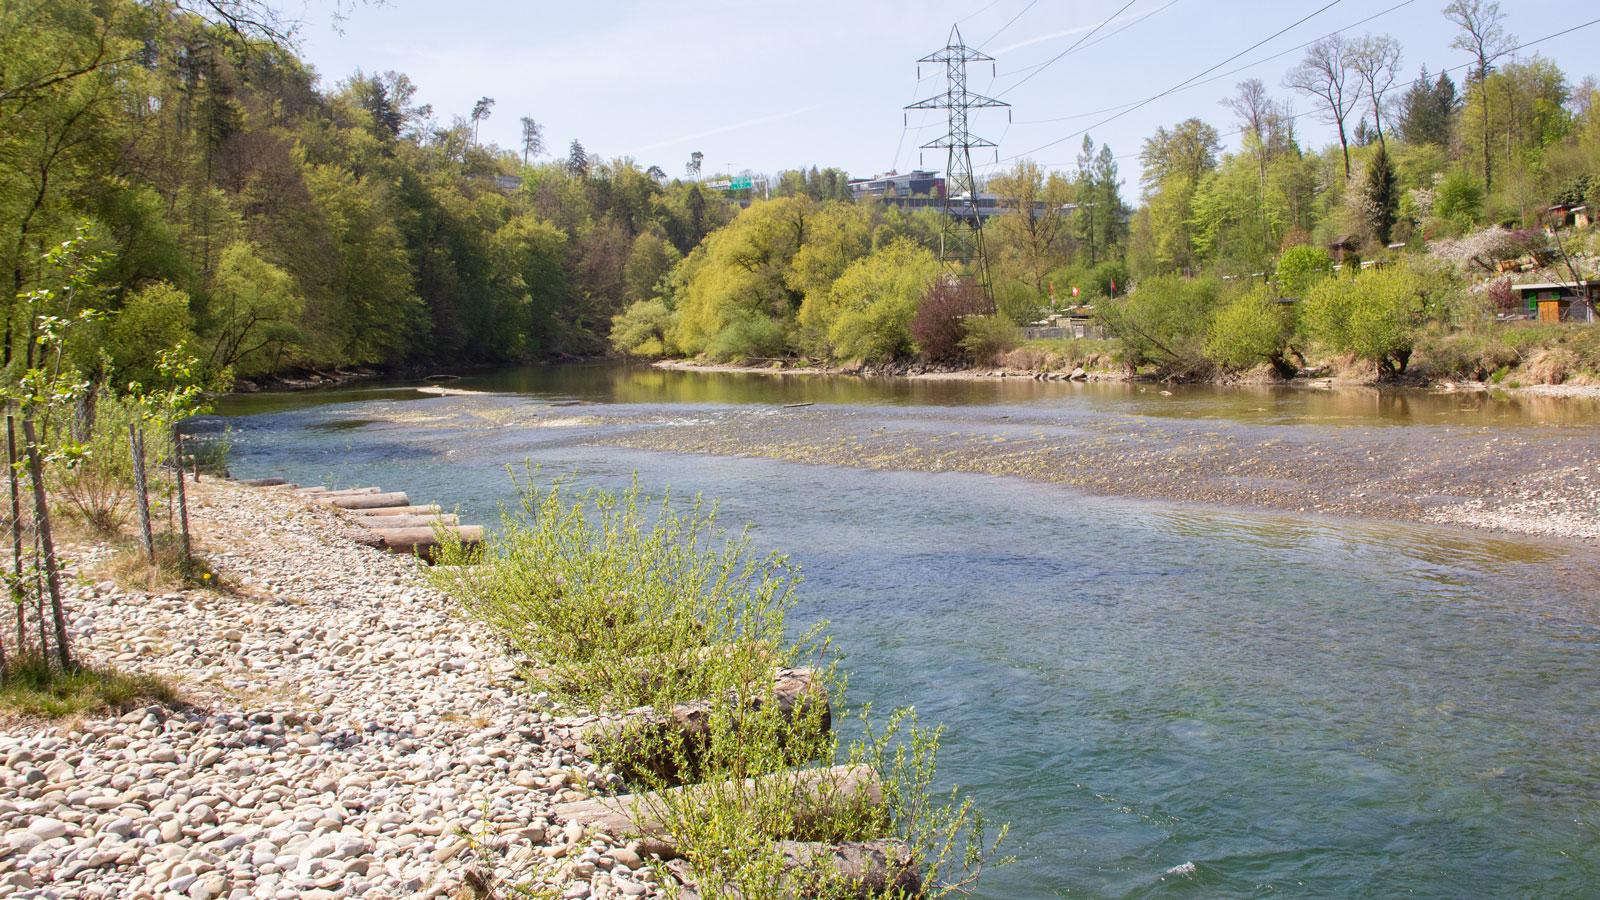 Wegen der geringen Wassermenge gibt es im Flussbett abwechslungsreiche Passagen, die auch mit Badebooten gut zu bewältigen sind